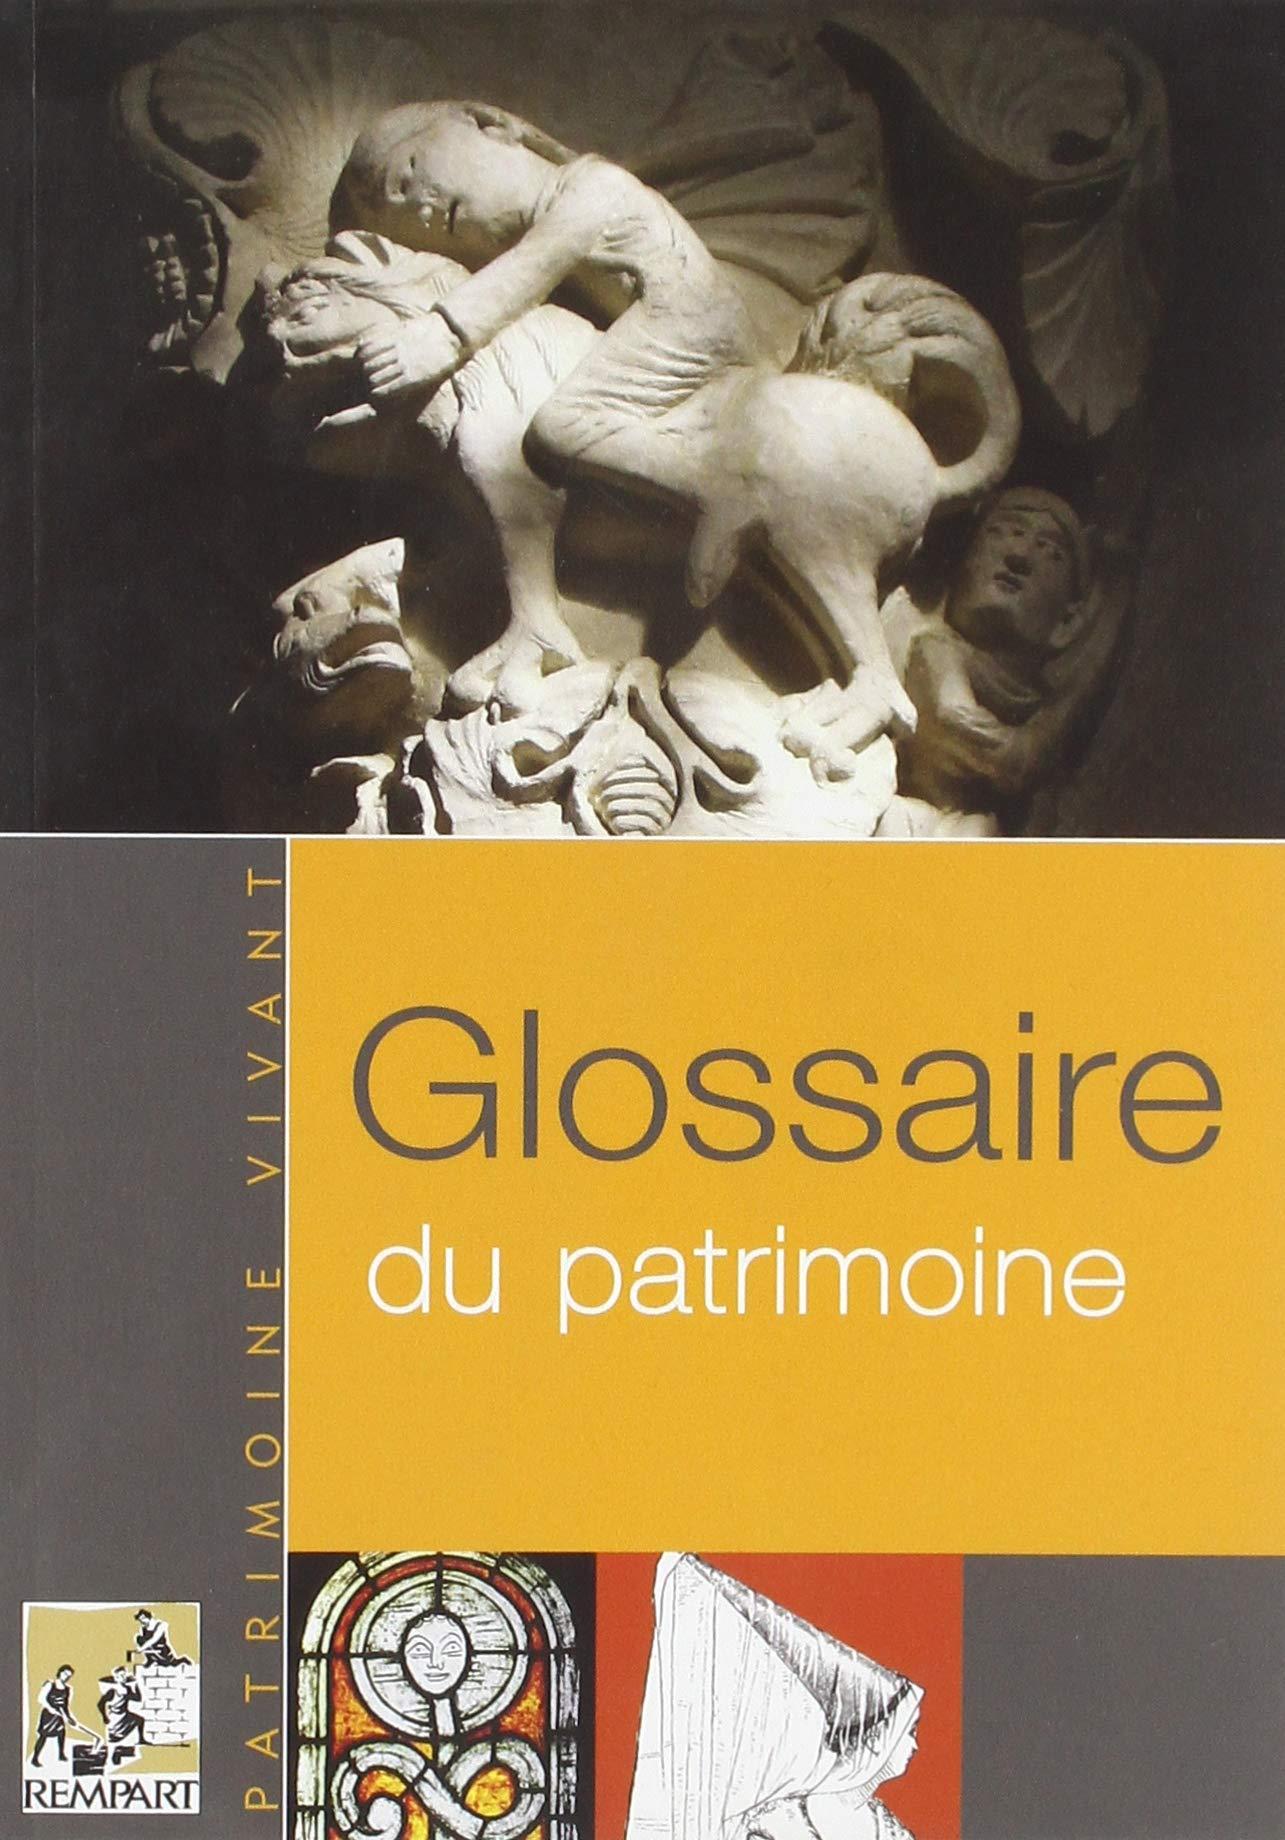 Glossaire Livres Patrimoine André Châtelain Du IYWH9E2D